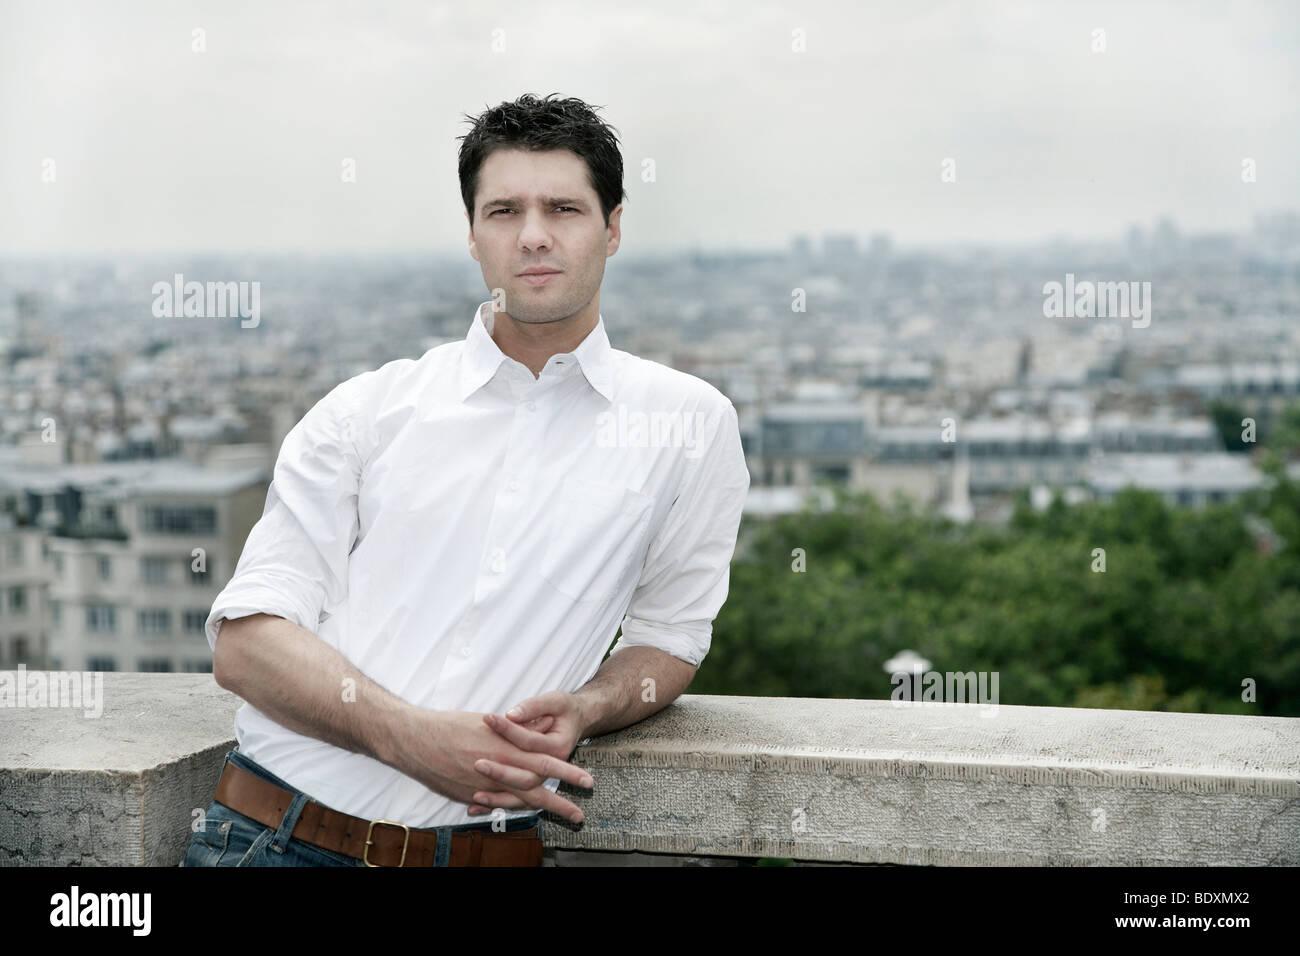 Young man, portrait, Paris, France, Europe Stock Photo